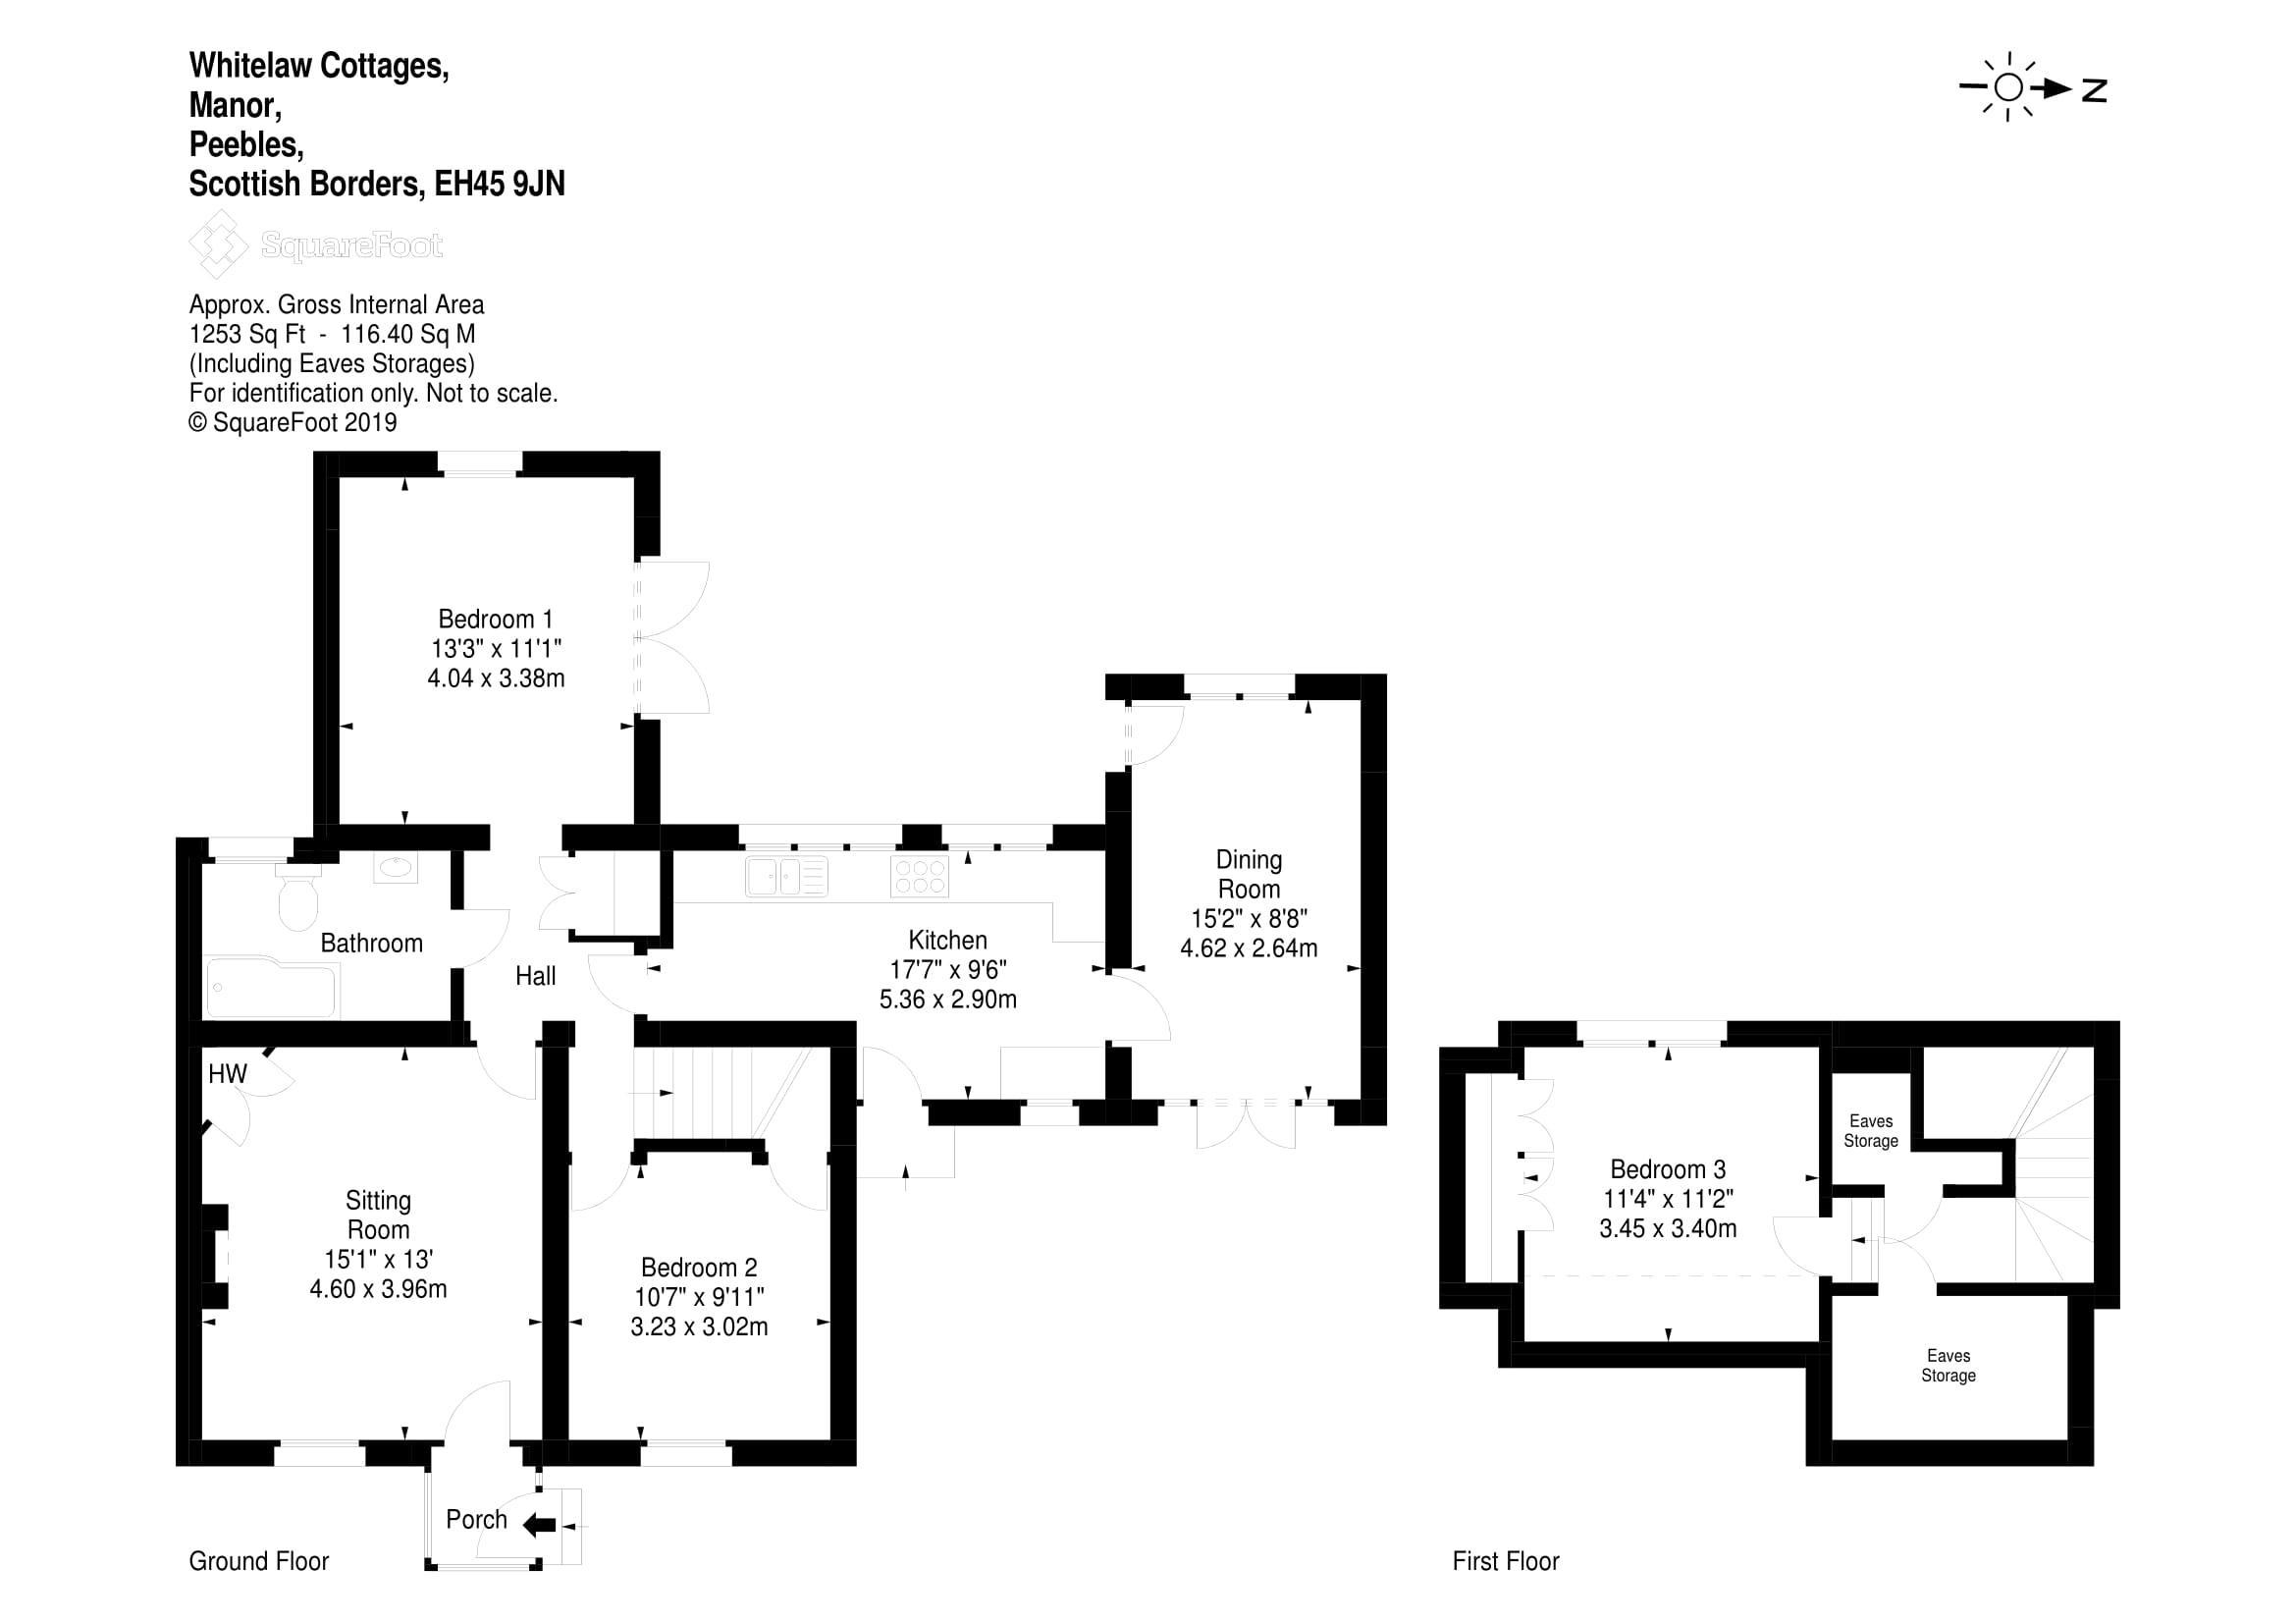 Whitelaw Cottages Manor